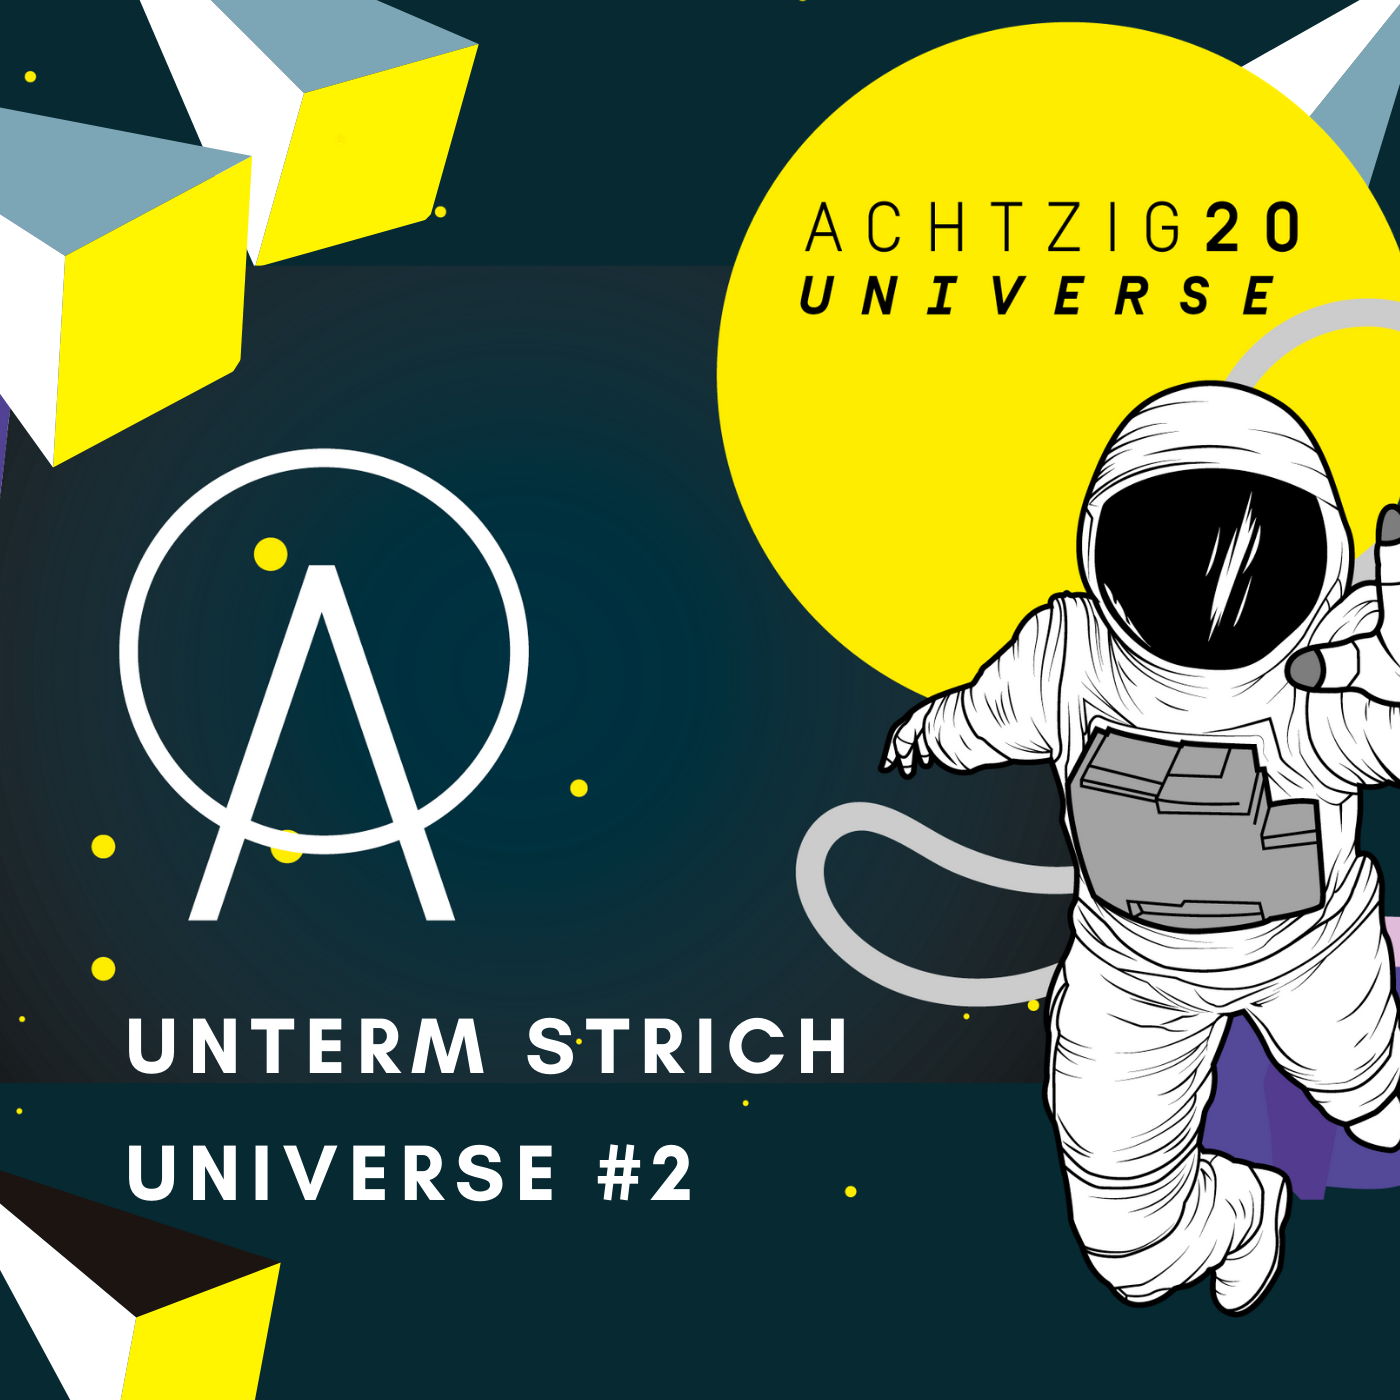 Unterm Strich: Achtzig20 Universe #2 mit Florian Holste